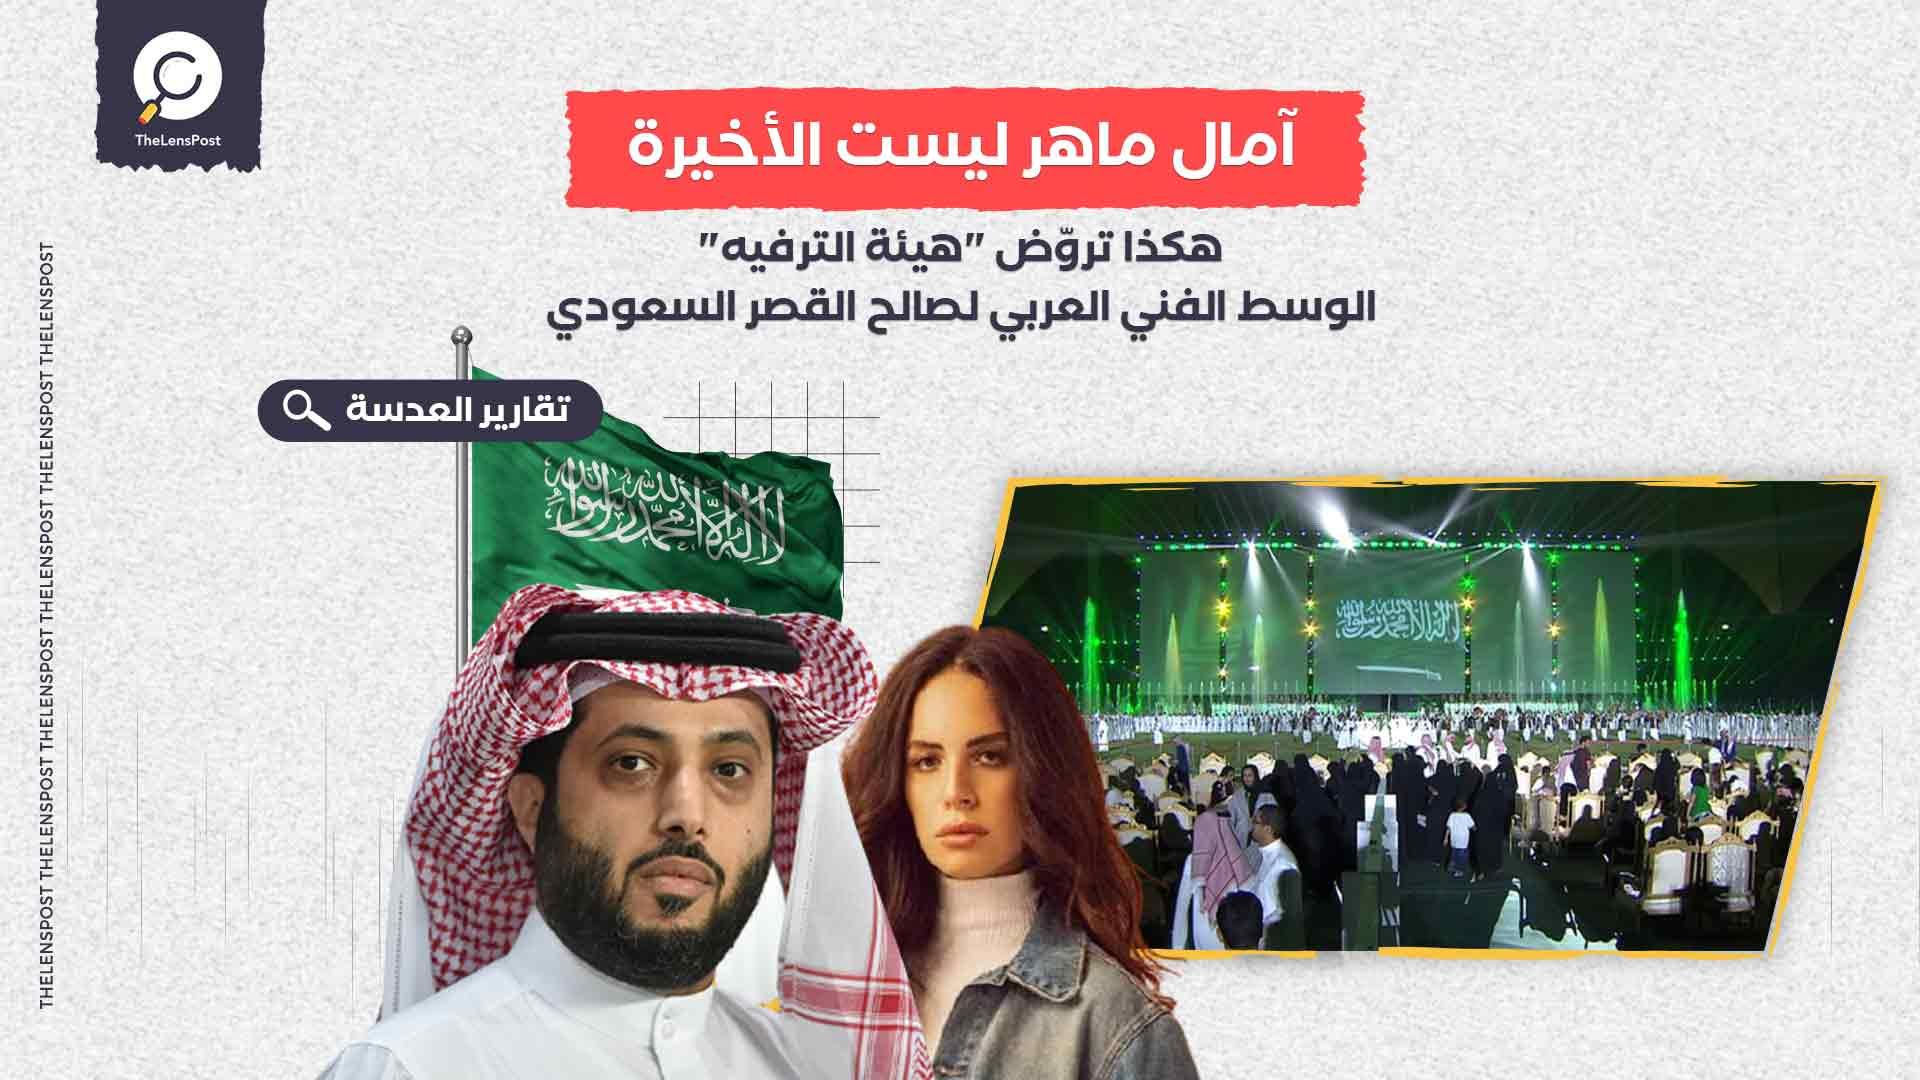 """آمال ماهر ليست الأخيرة..هكذا تروّض """"هيئة الترفيه"""" الوسط الفني العربي لصالح القصر السعودي"""